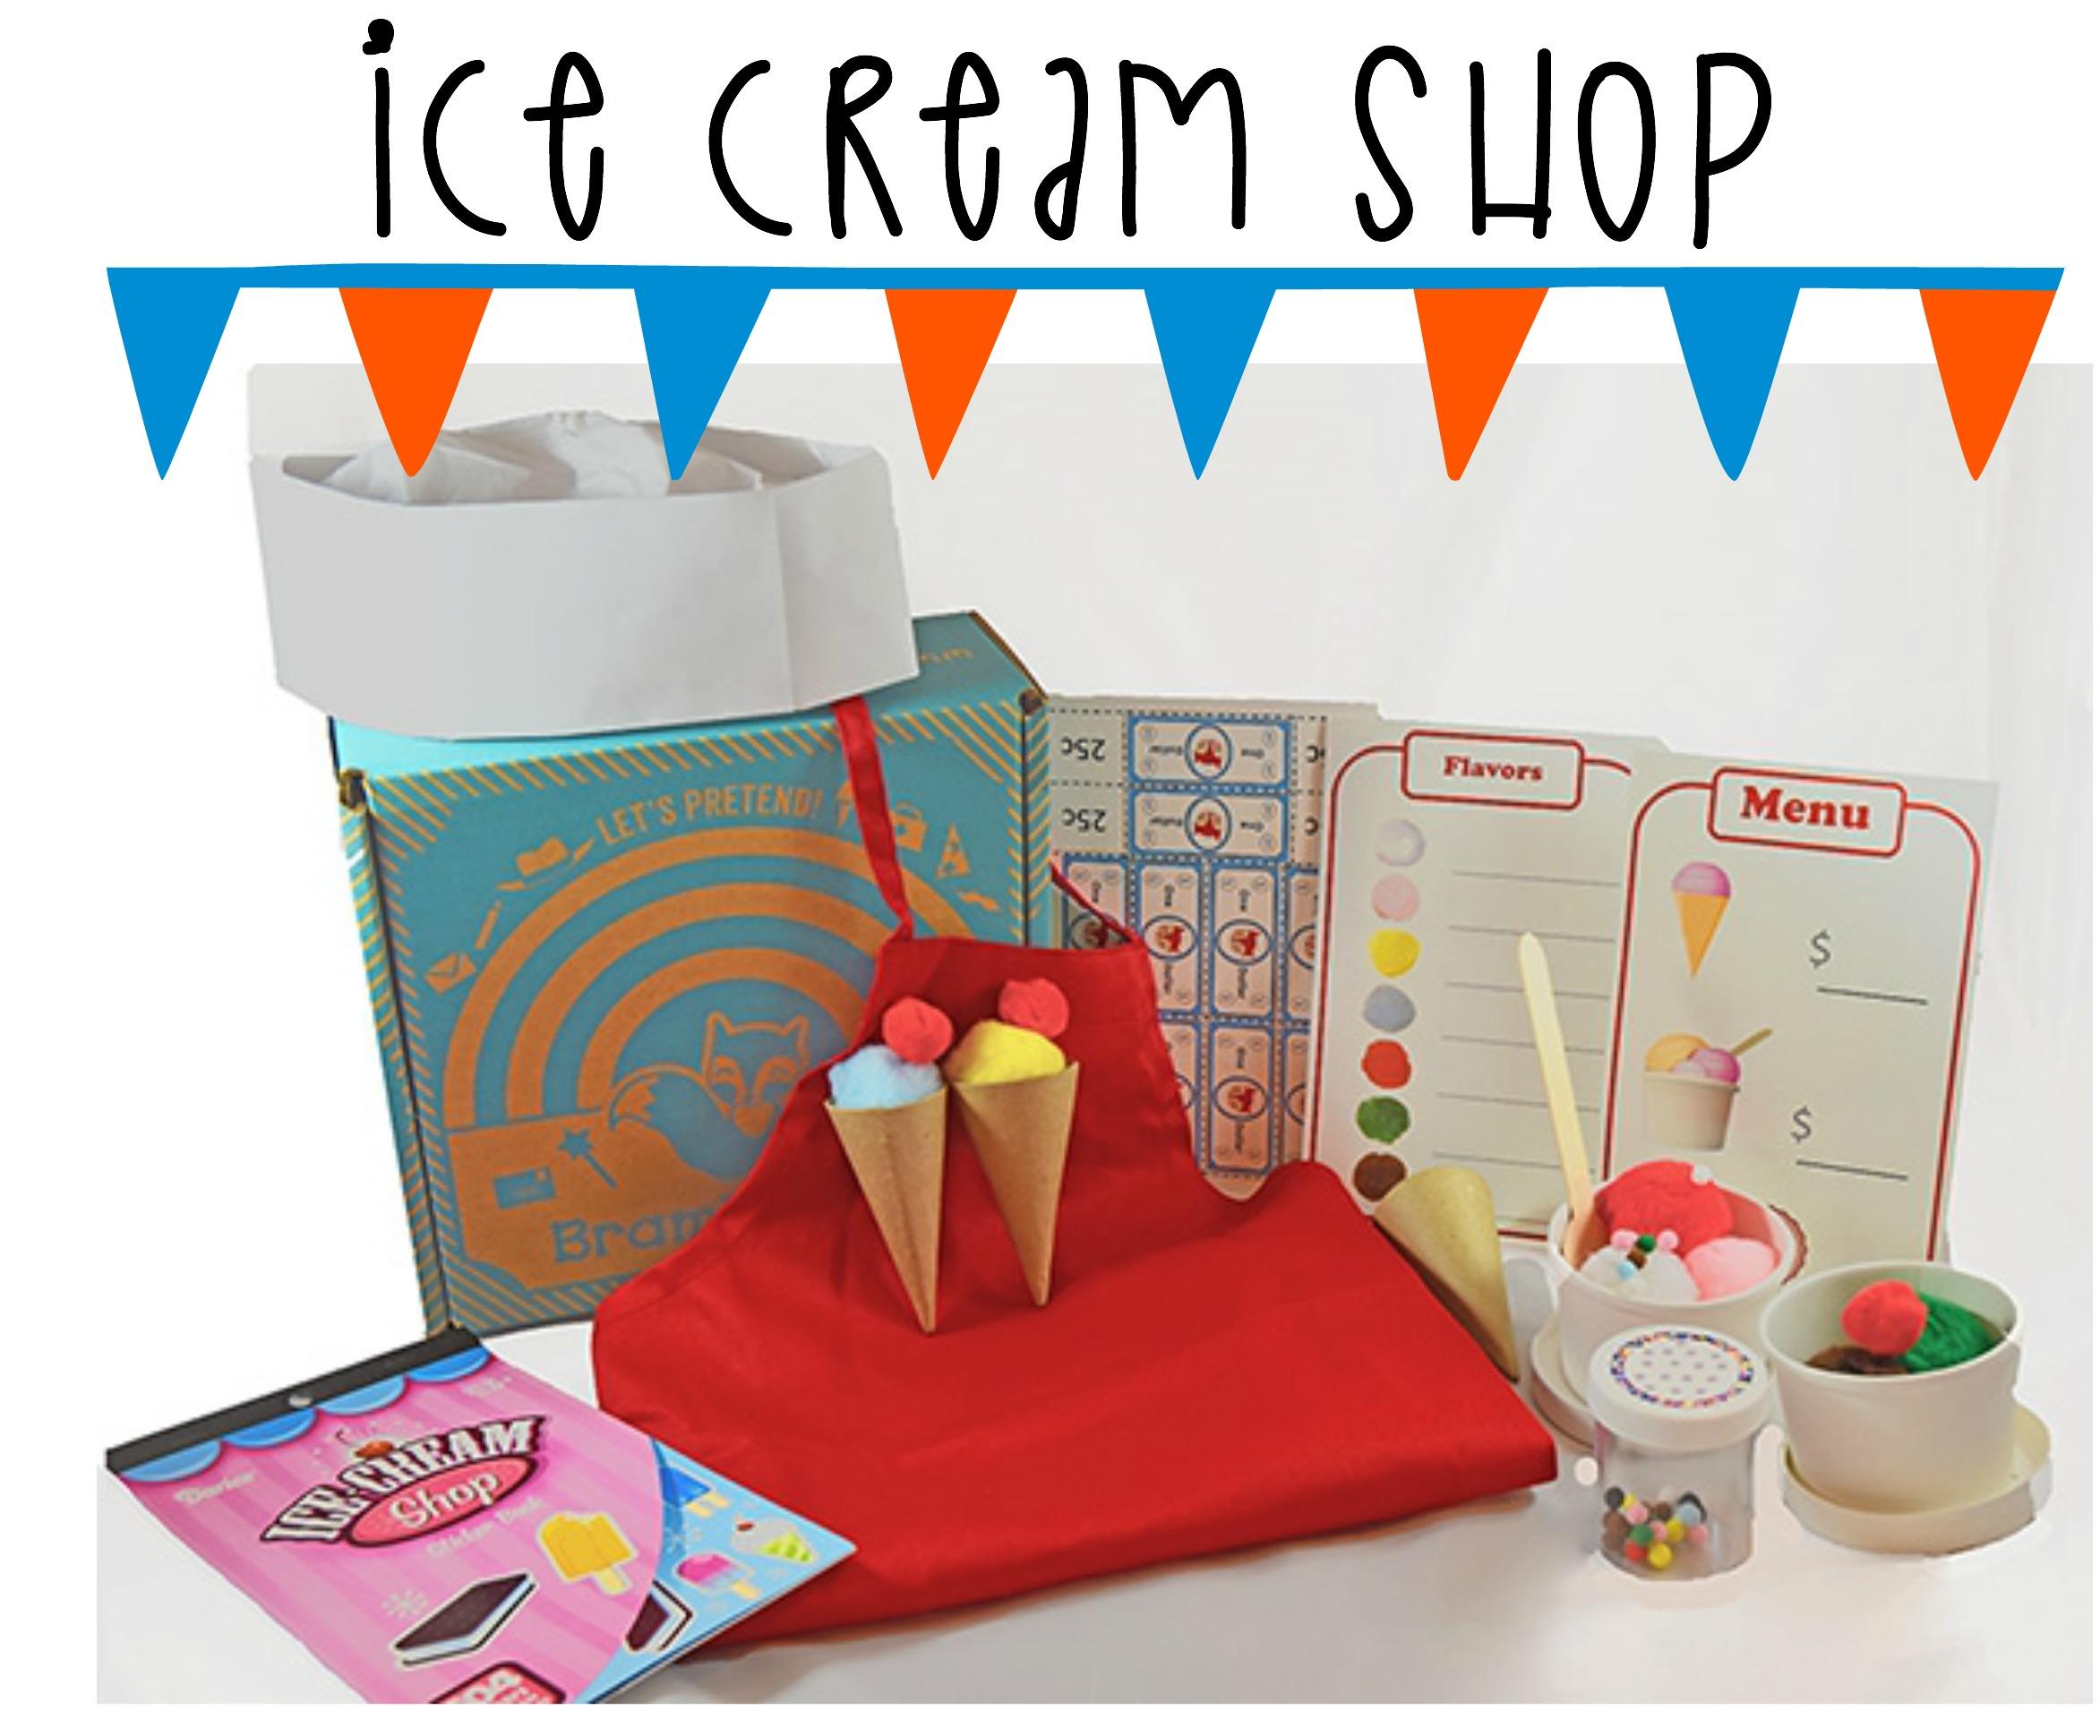 Bramble Box Ice Cream Shop Subscription Box